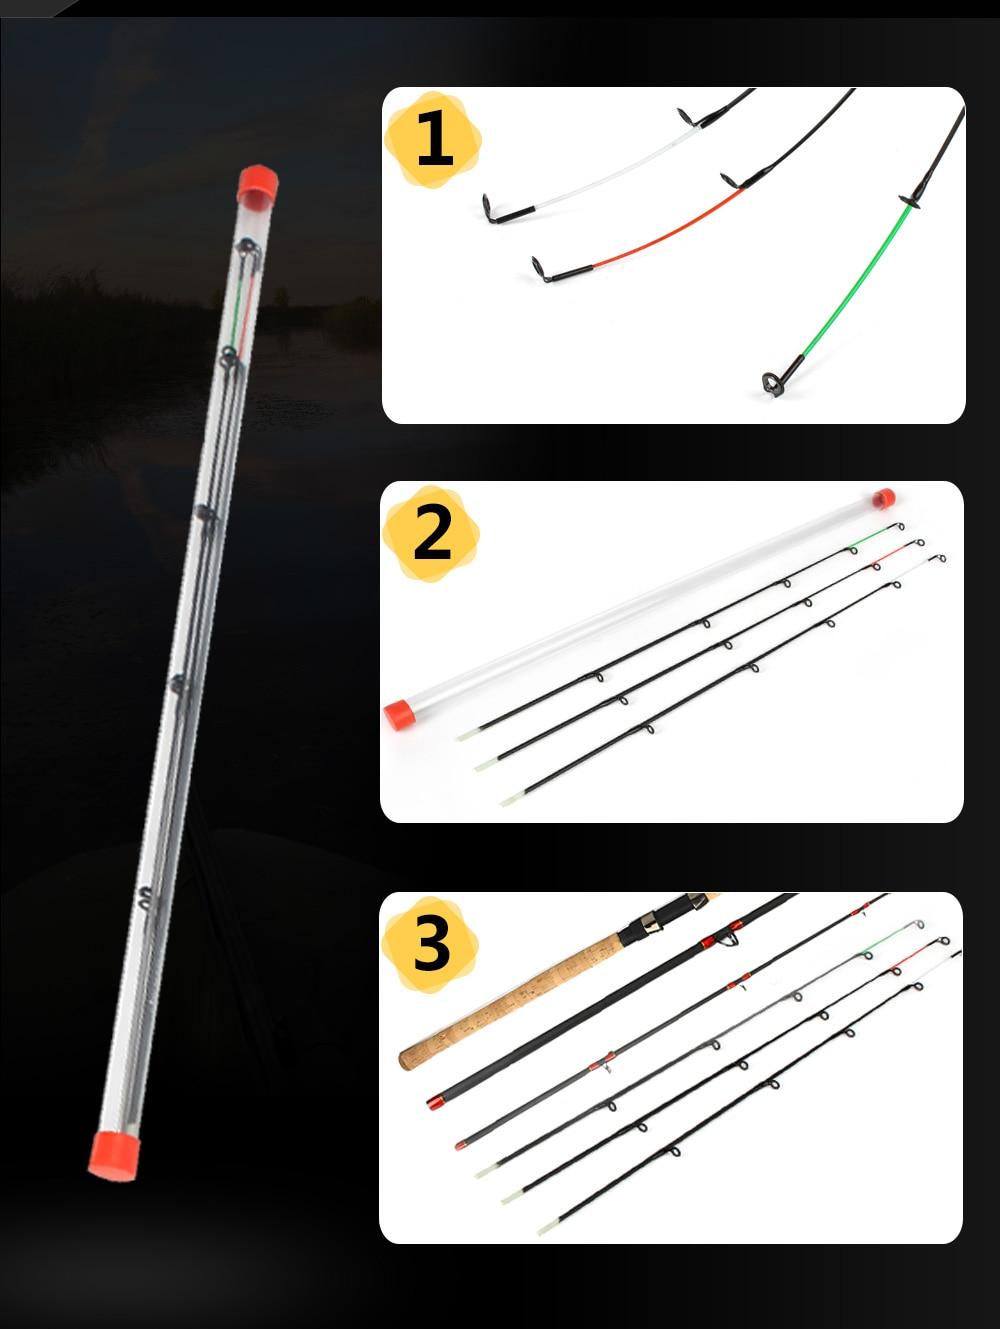 Lot de 3 Scions de rechange ou buscles en fibre de verre M/L/H 50-120g